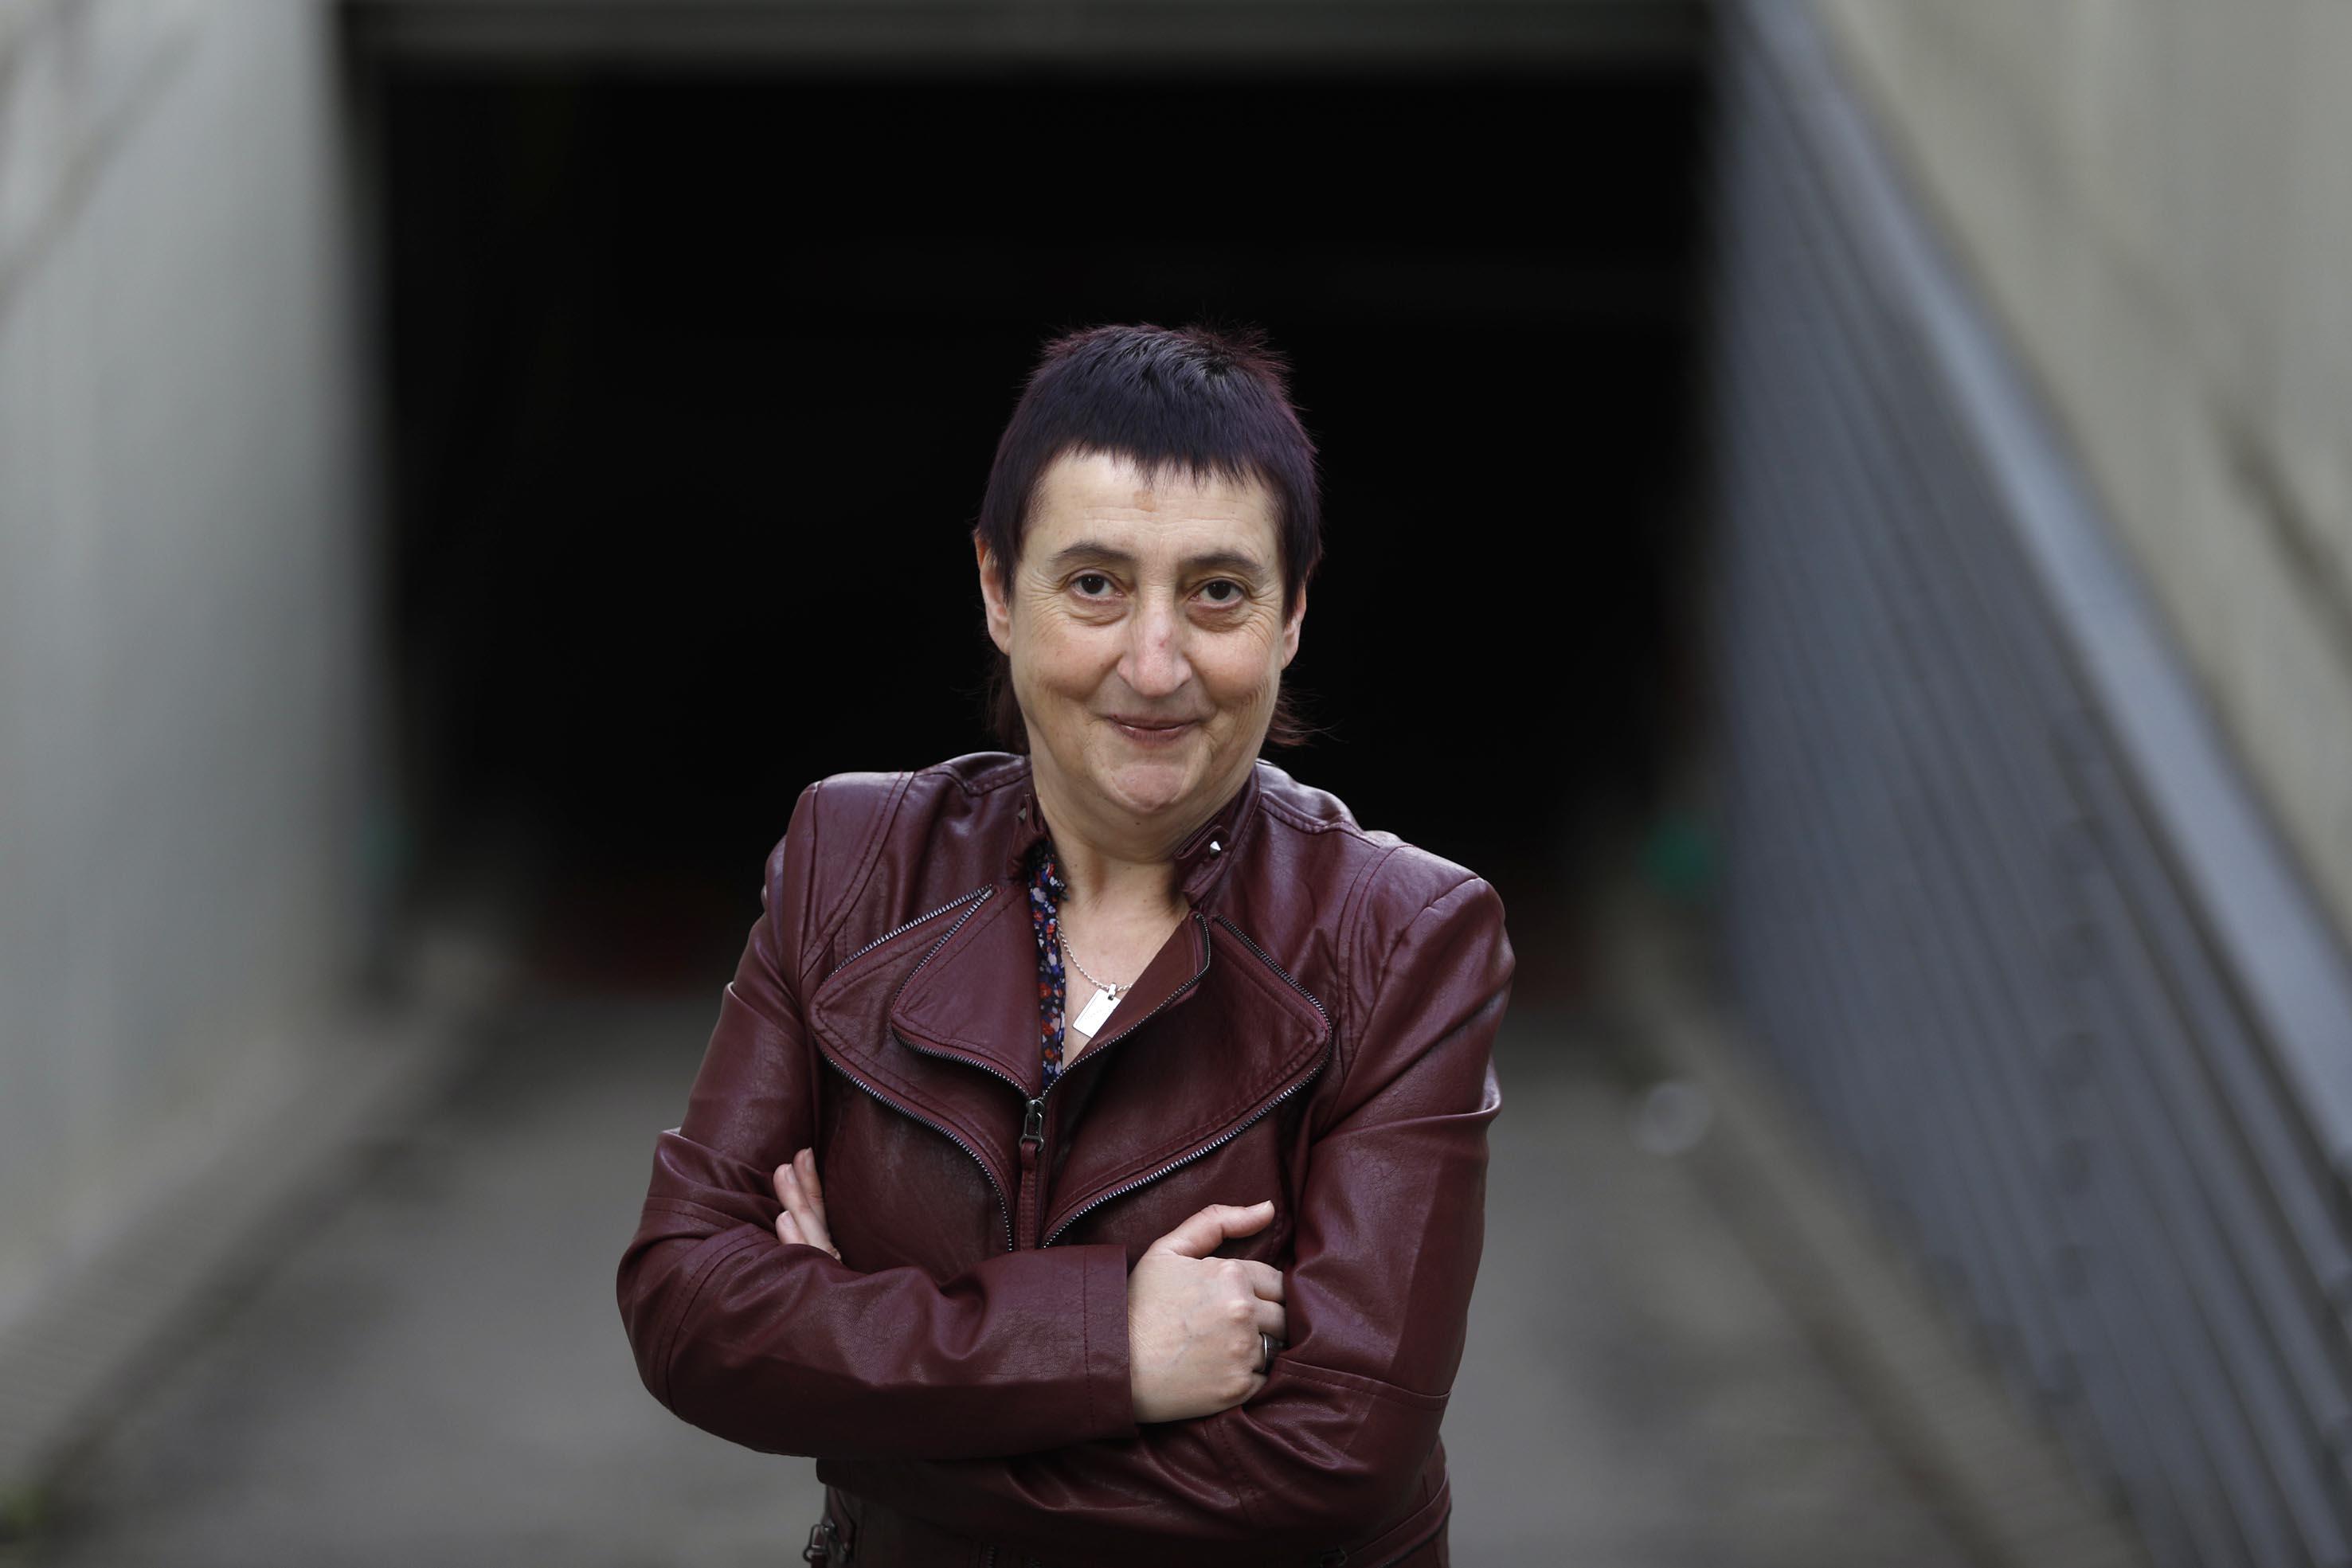 La periodista Tura Soler guanya el VII Premi Josep M. Planes per la investigació sobre el misteri de Susqueda